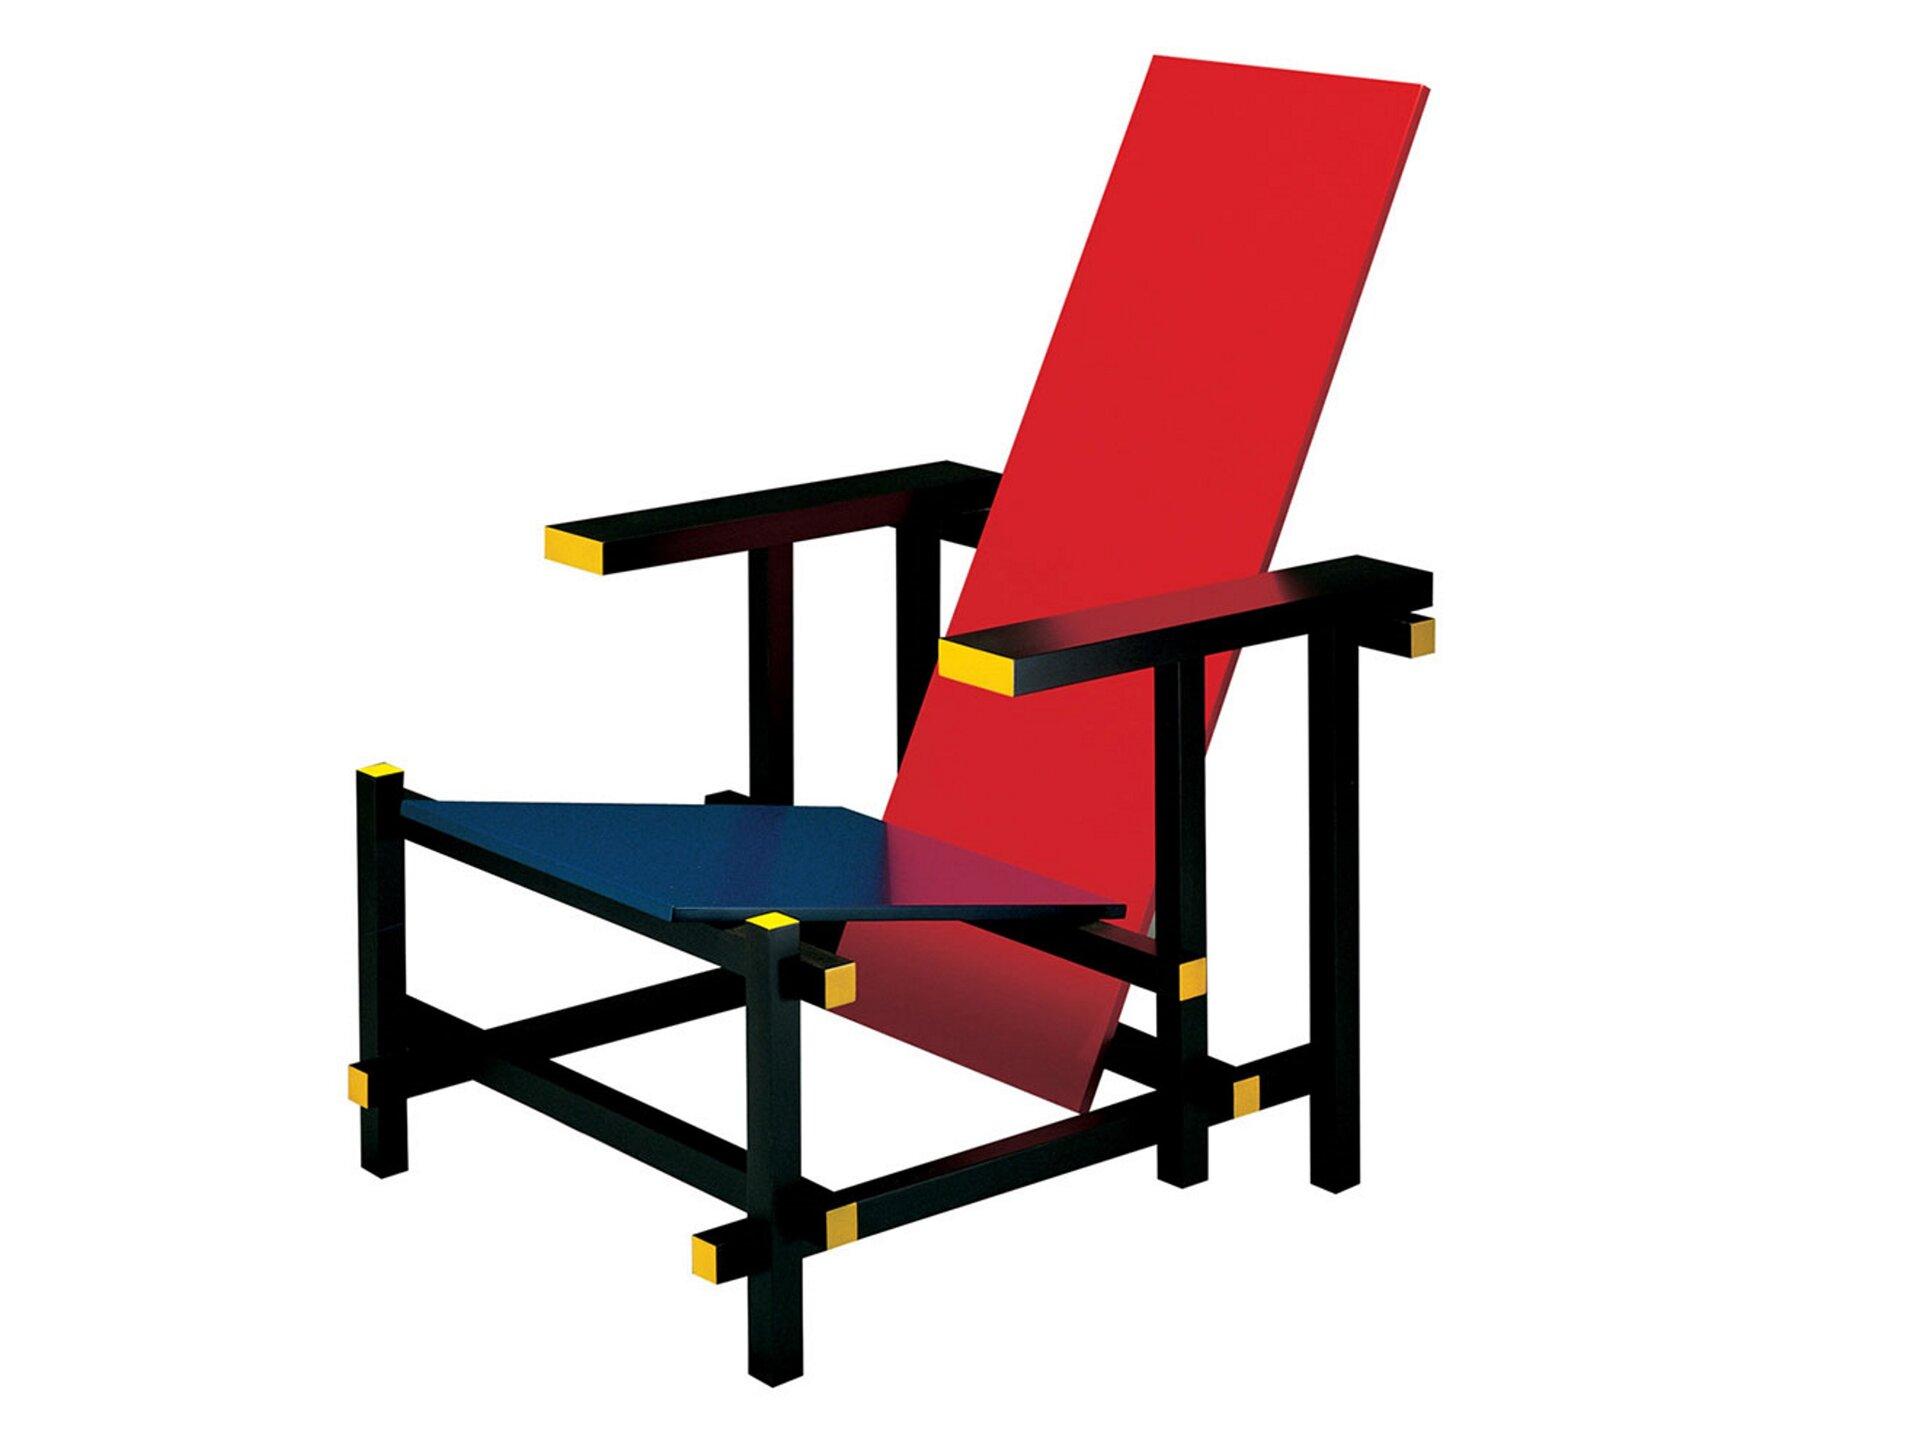 Ilustracja przedstawia czerwono-niebieskie krzesło zaprojektowane przez Gerrita Rietvelda. Mebel jest kanciasty, posiada ostre krawędzie. Siedzisko fotela jest niebieskie, oparcie natomiast czerwone. Zarówno siedzisko jak ioparcie nie są ułożone wkącie prostym, są one przechylone tworząc kąt rozwarty.